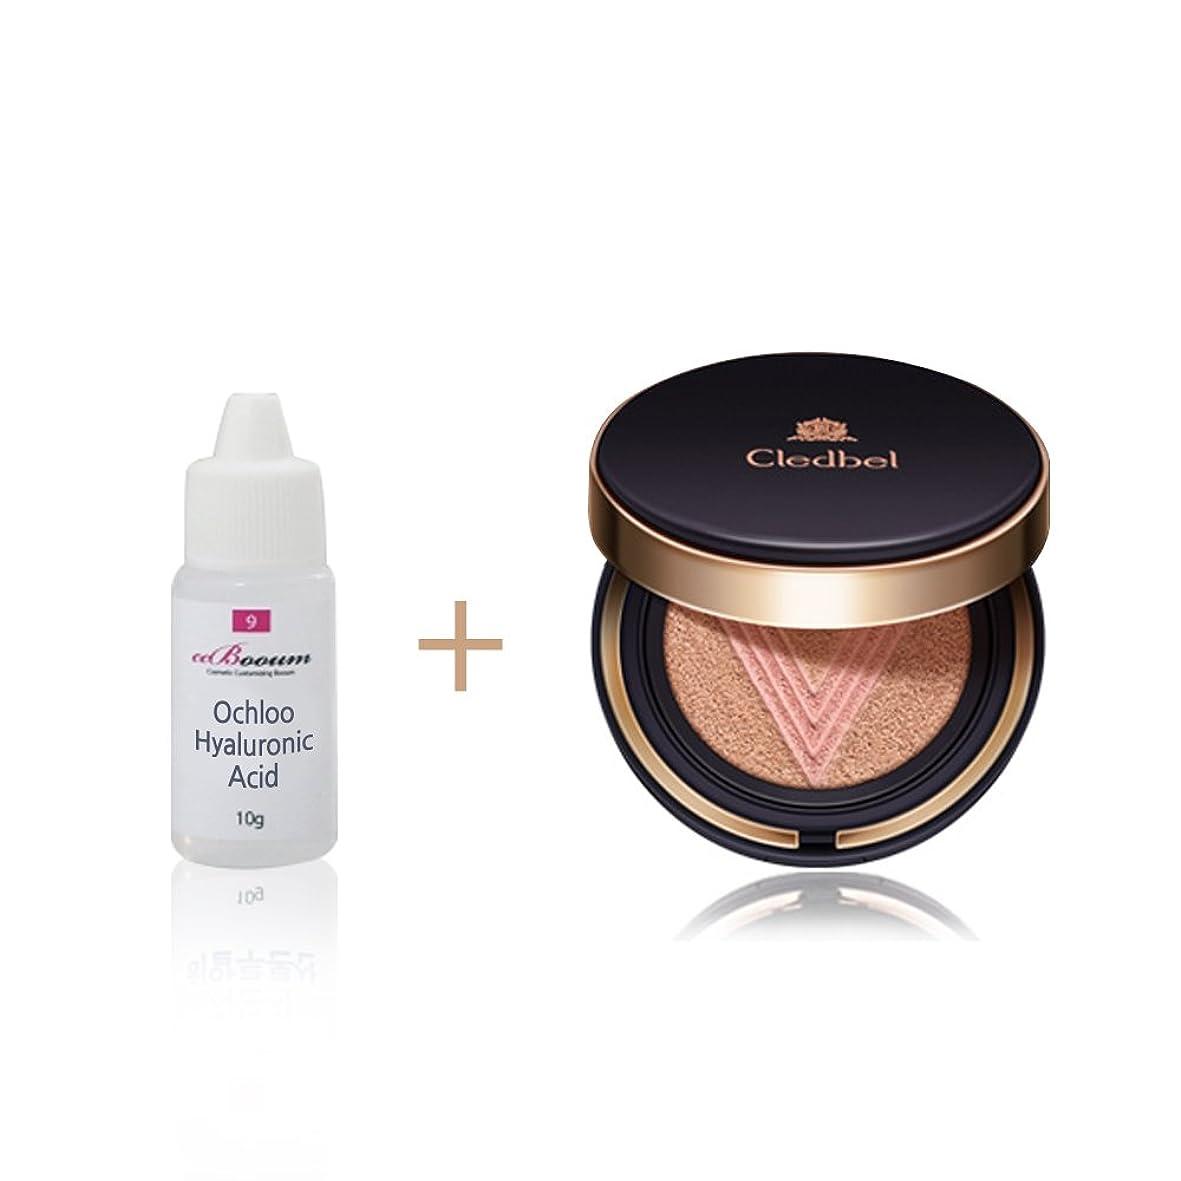 ハイランド肯定的ベーシックCledbell: Ultra Power Lift V Cushion: Shining Skin. No. 21: Pink Gold Beige. 超高性能 シャイニング·スキン + Ochloo hyaluronic acid 10ml.